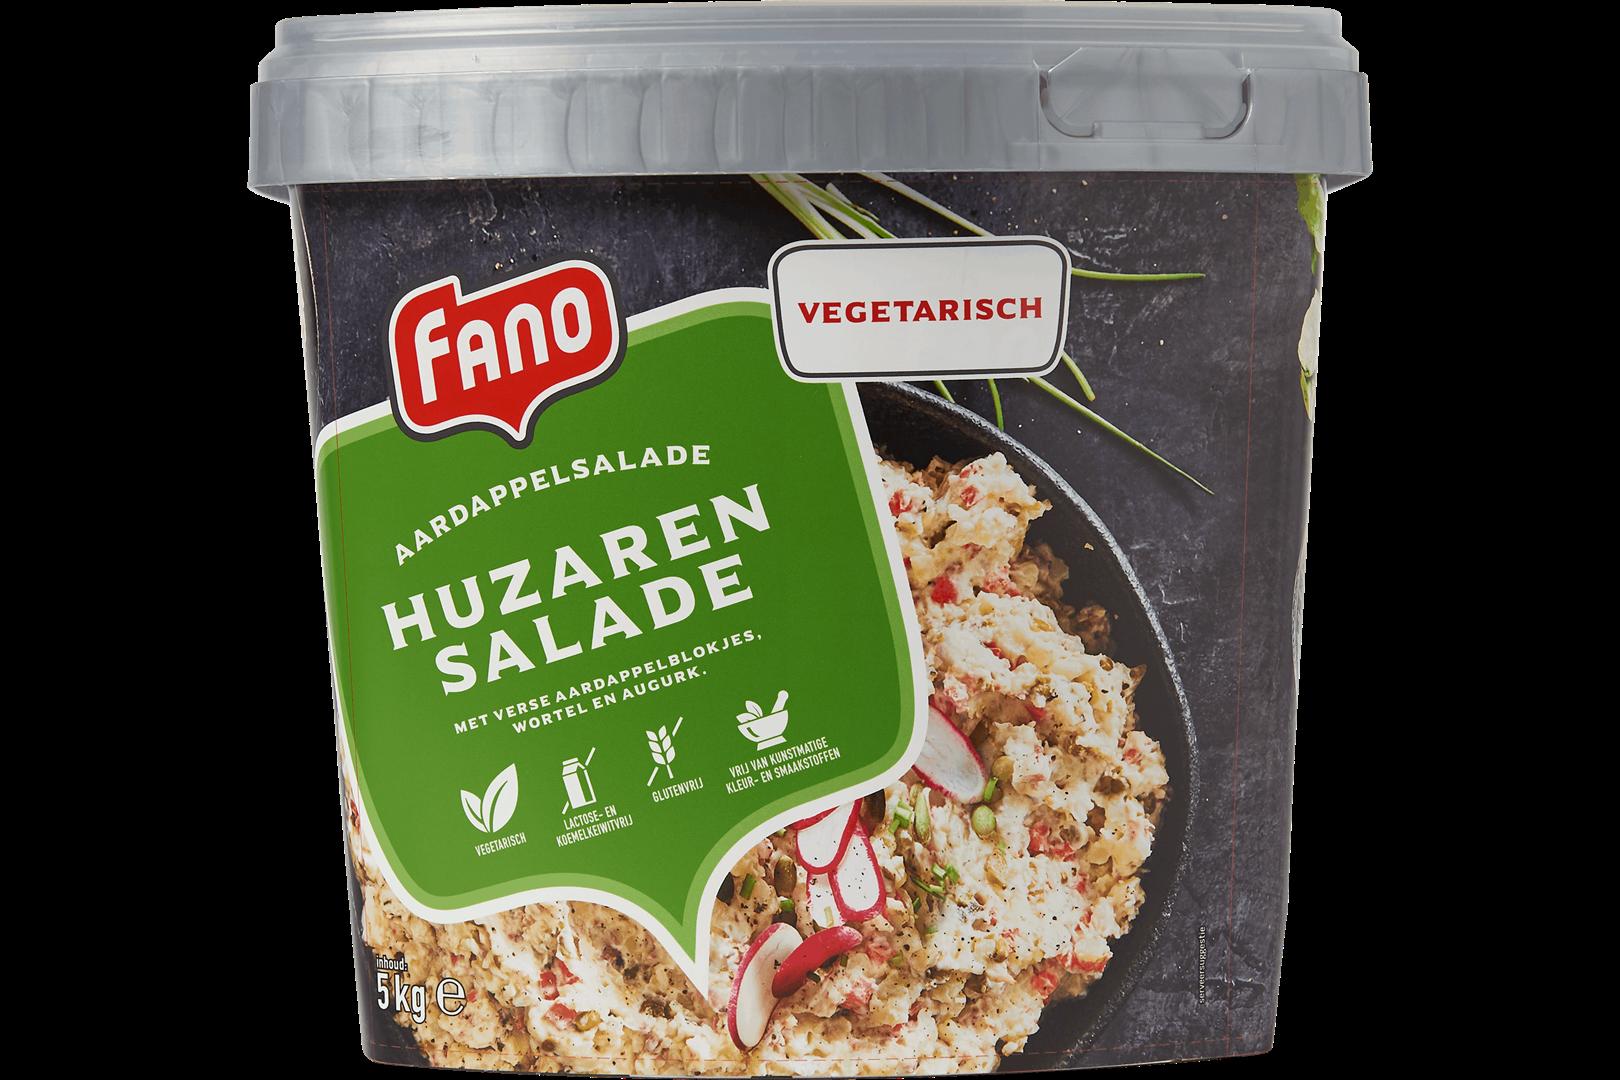 Productafbeelding FANO Russische Salade met aardappelblokjes, wortel, augurk, zilverui en doperwten 5kg